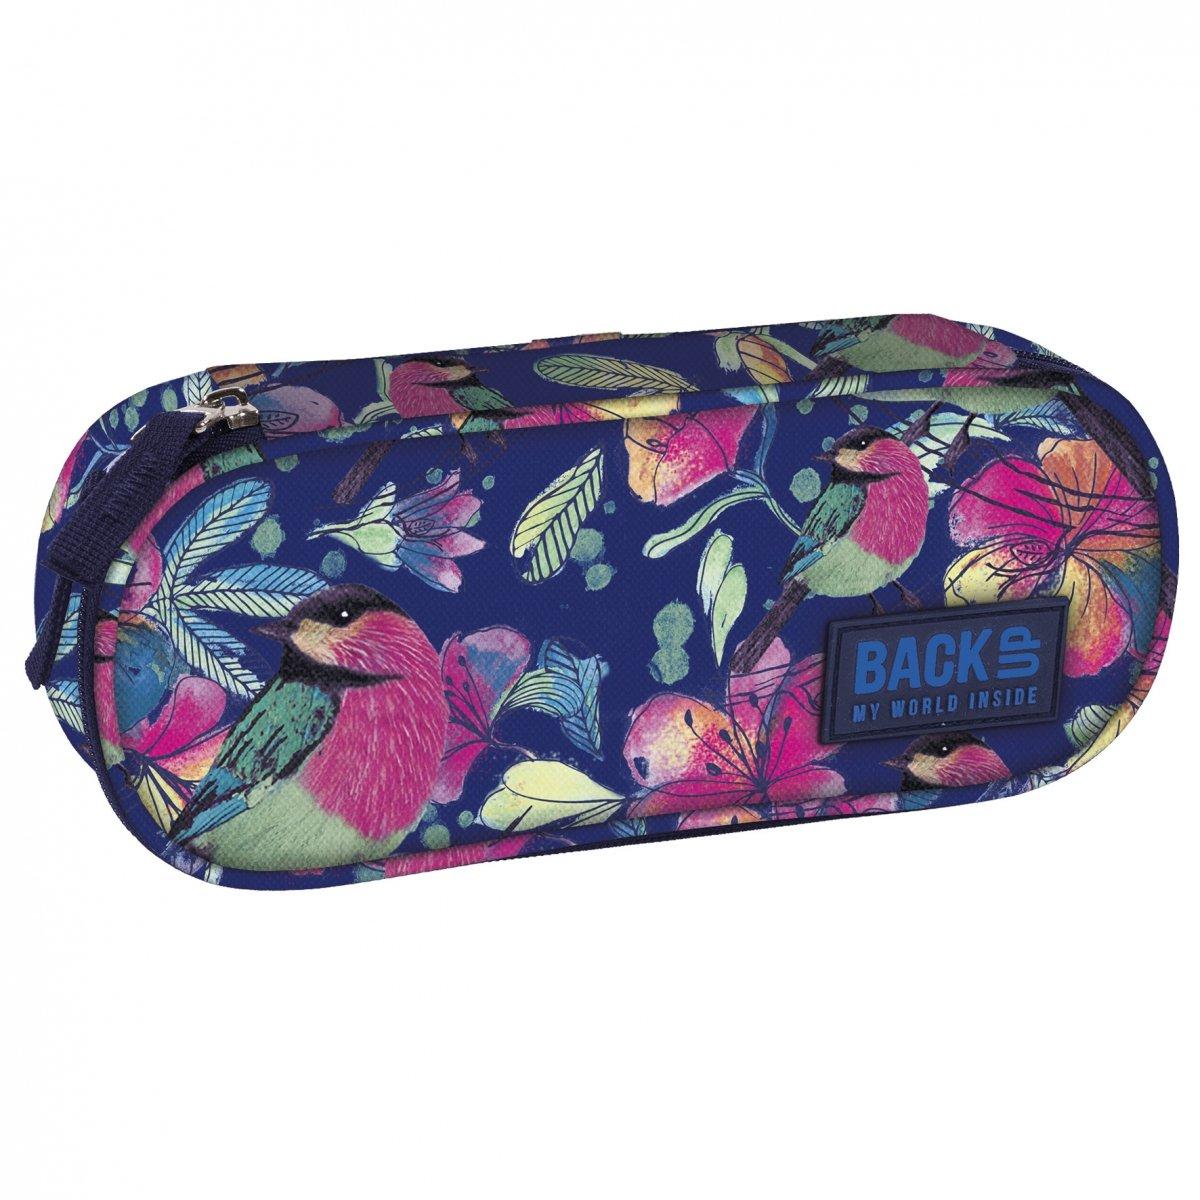 ab6b45ce3c23e Piórnik szkolny Back UP pastelowe kwiaty SPRING (PB1A4)   plecaki ...